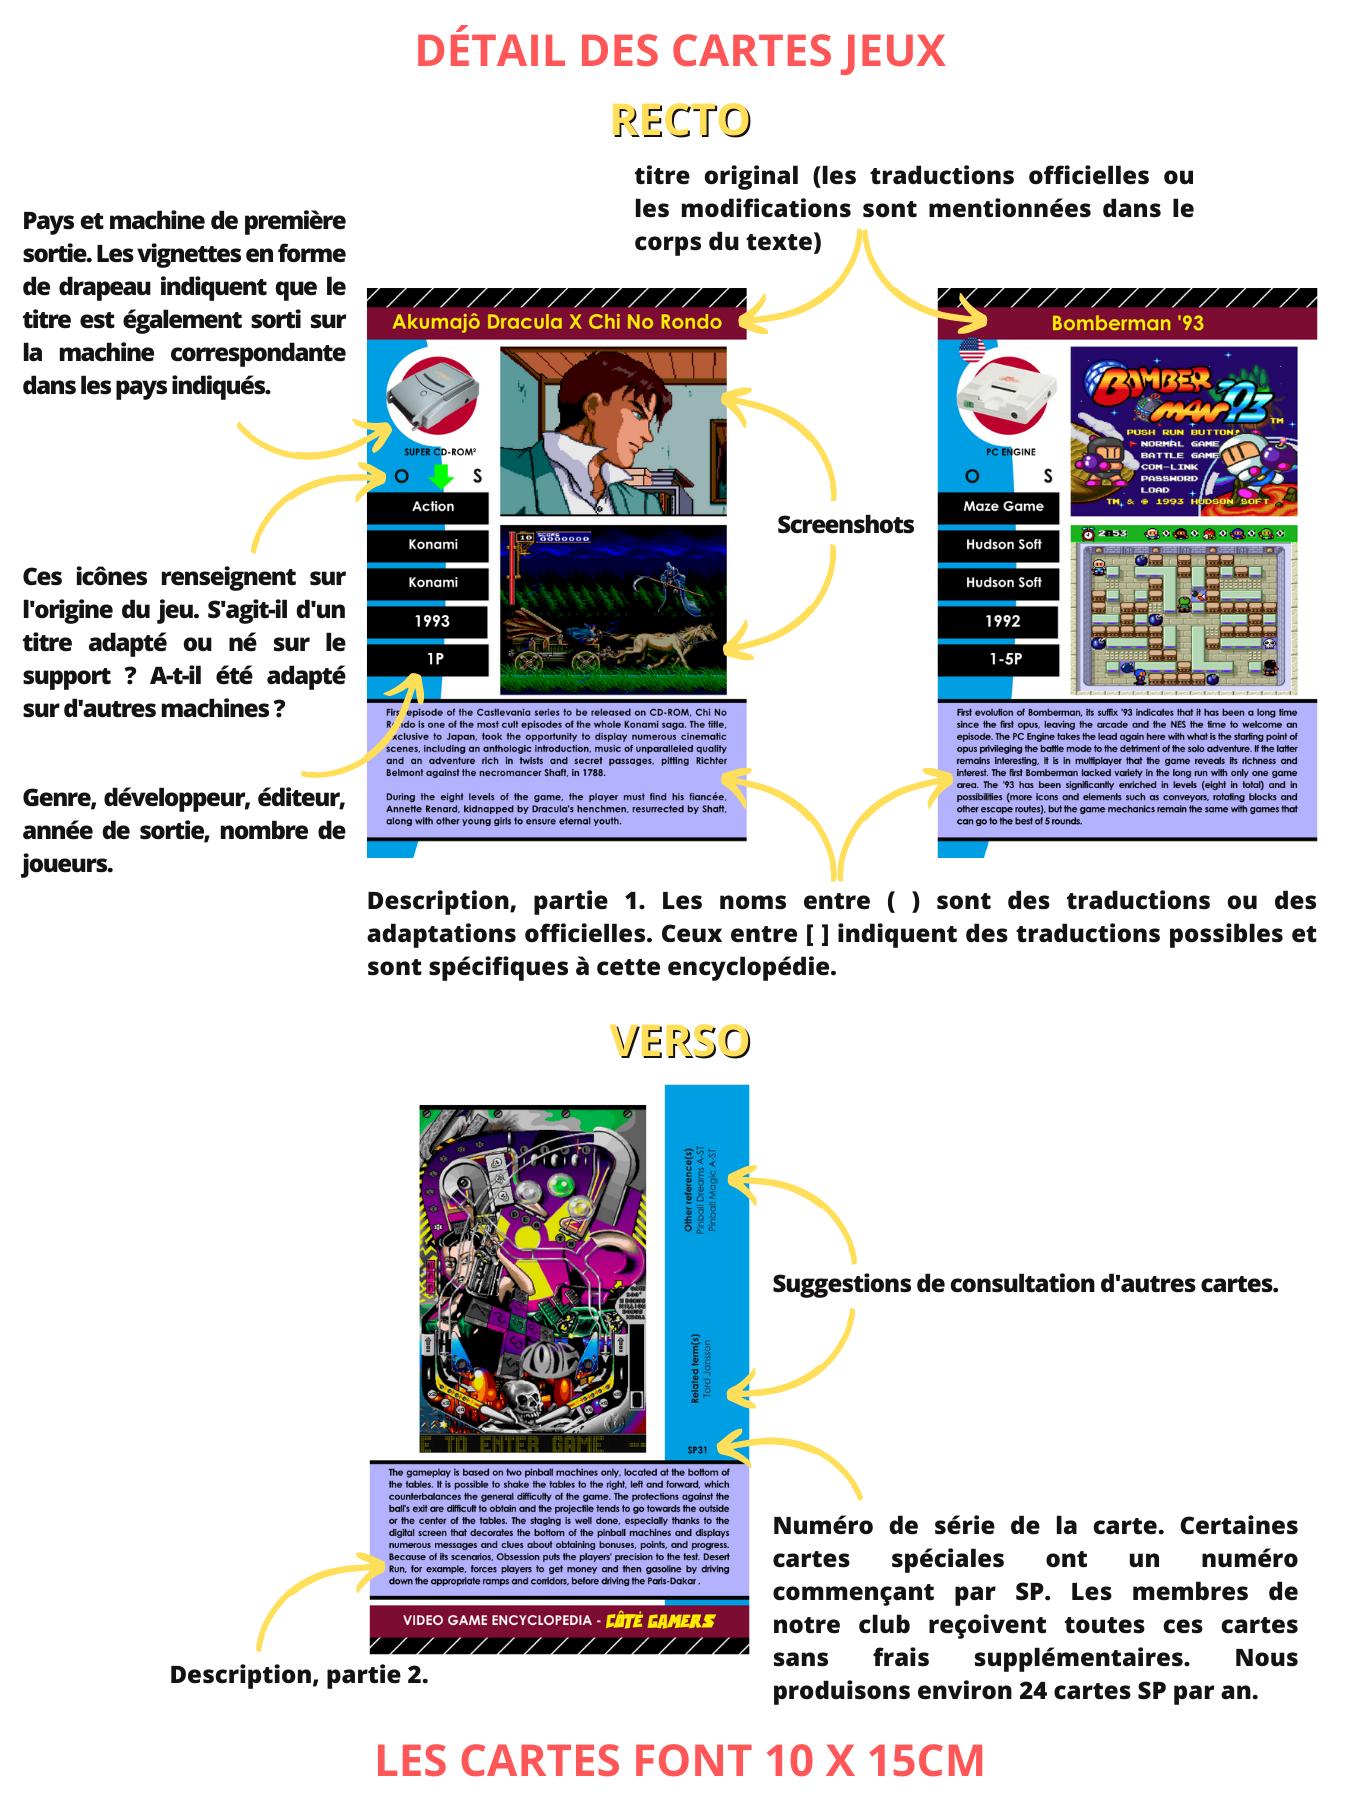 Présentation des recto et verso des cartes encyclopédique du jeu vidéo catégorie jeu